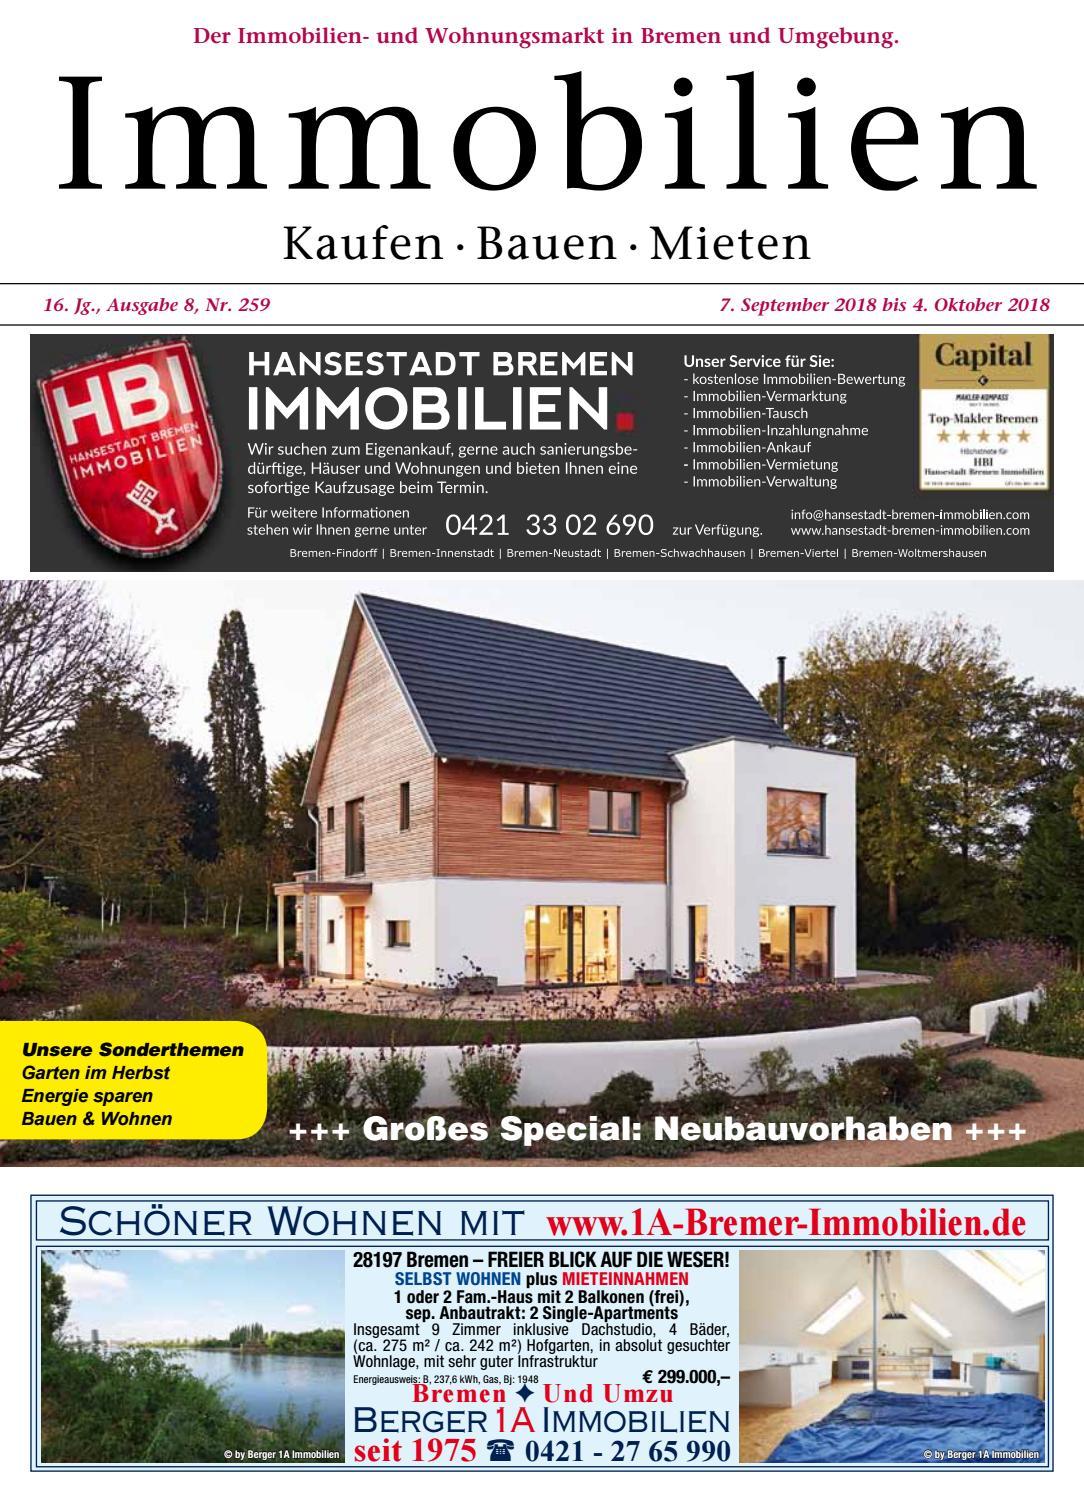 Kaufen Bauen Mieten 2018 September by KPS Verlagsgesellschaft mbH ...